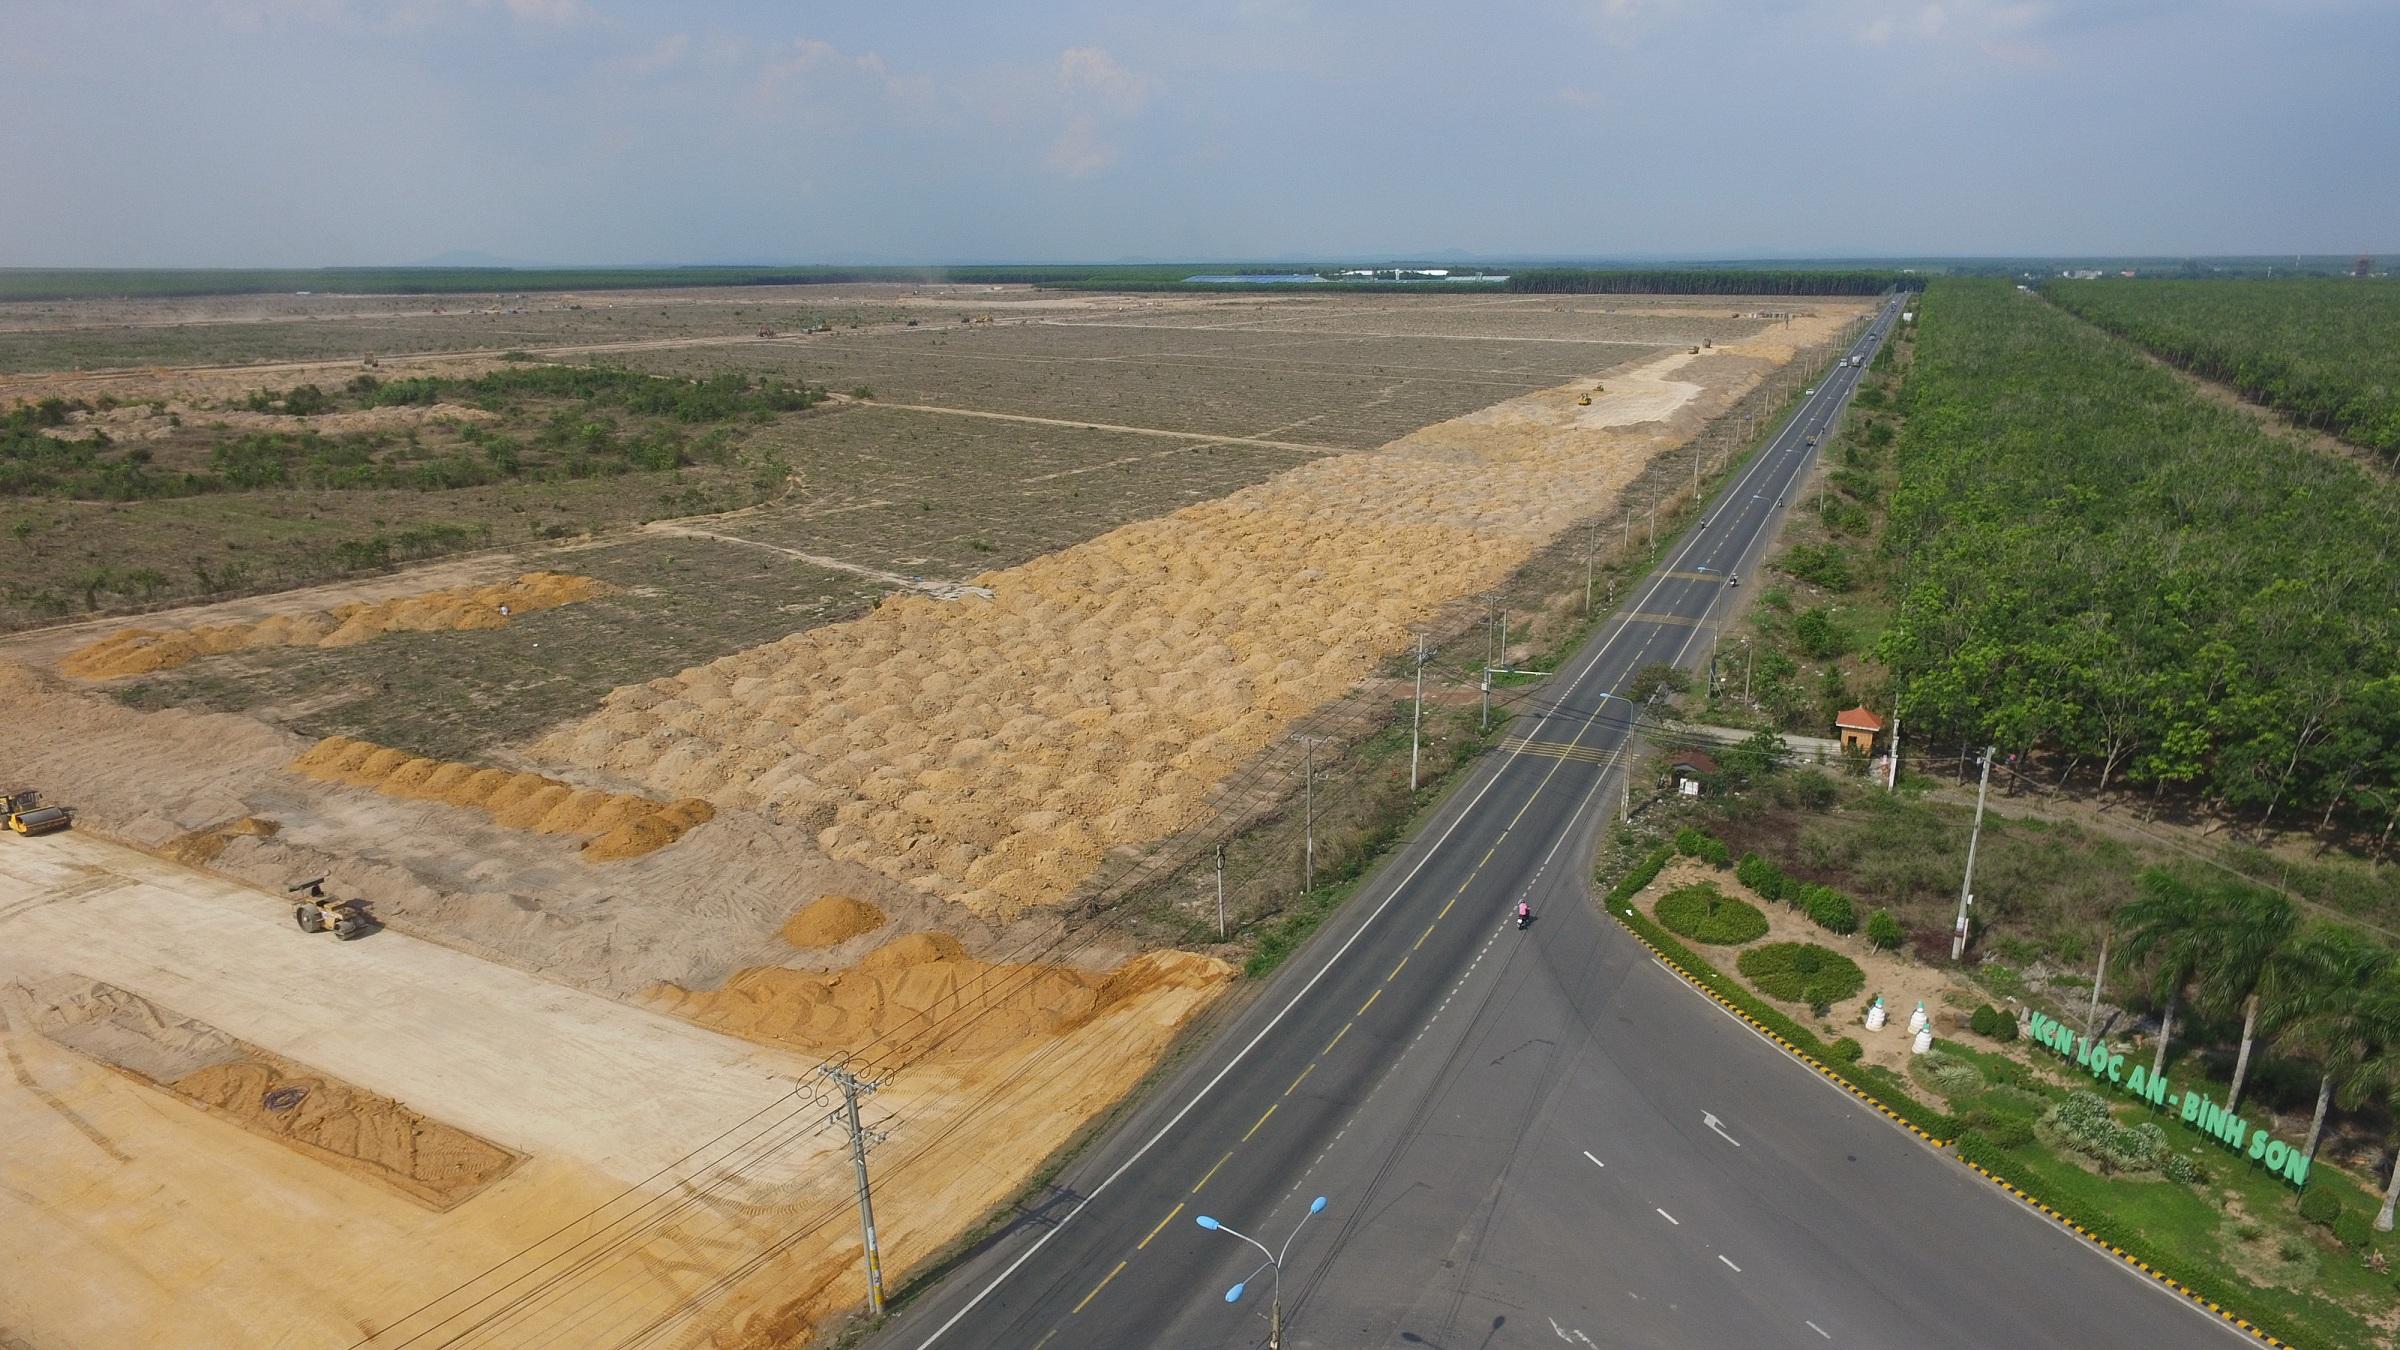 Tỉnh Đồng Nai đang quyết liệt trong công tác đền bù, giải phóng mặt bằng, làm khu tái định cư liên quan đến sân bay Long Thành.